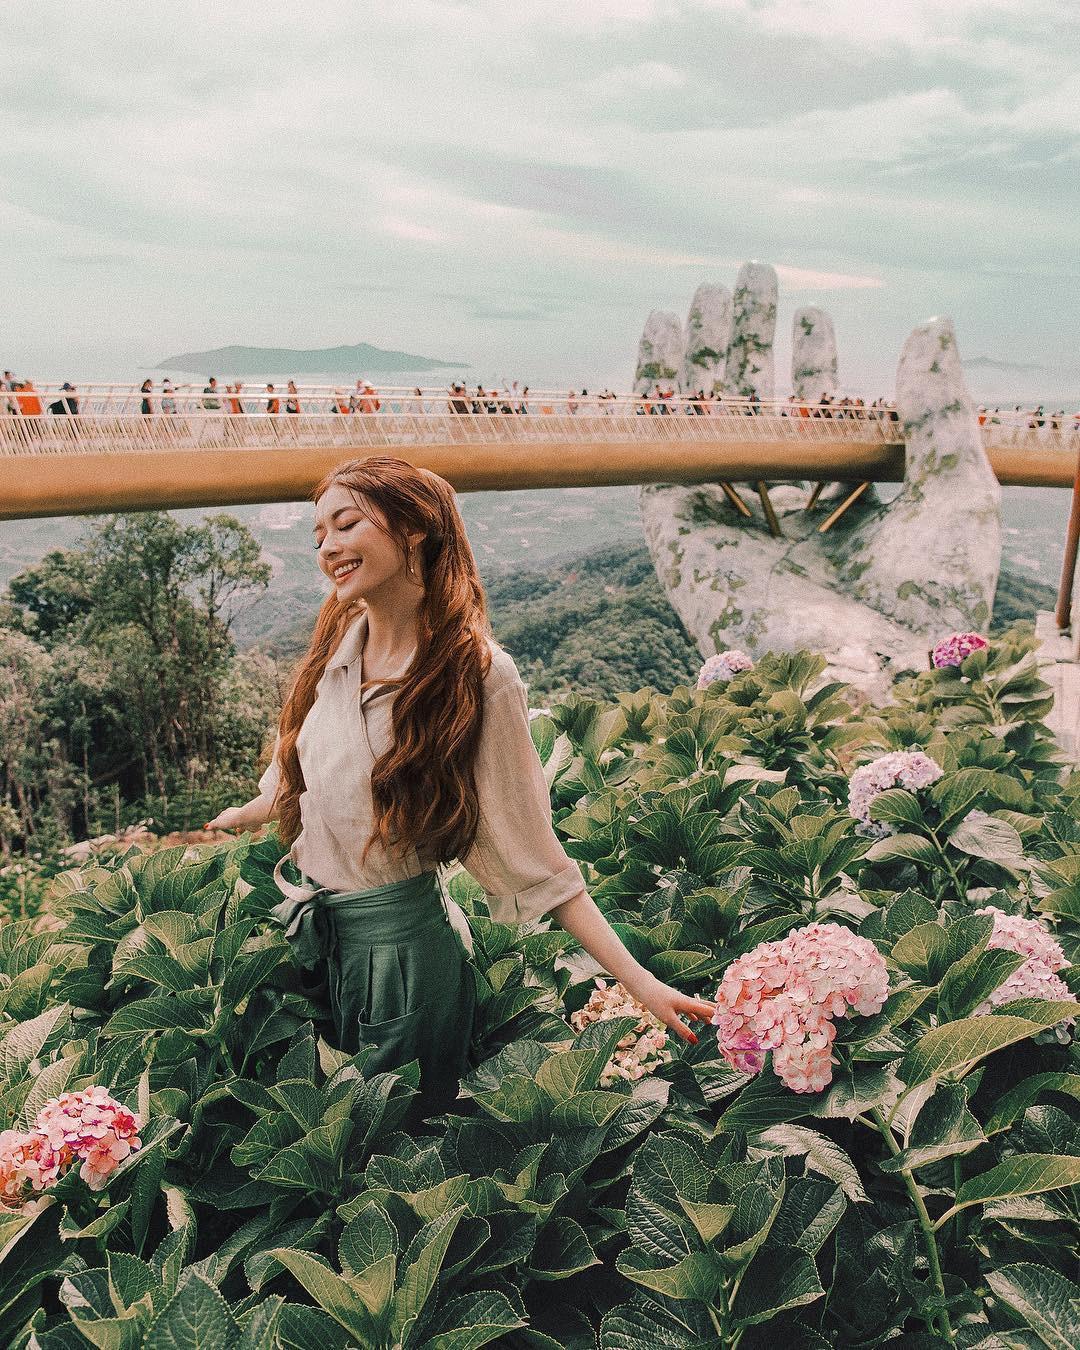 Thêm những bức ảnh đẹp mê mẩn của công chúa tóc mây Sarah Trần trong chuyến du hí Việt Nam - Ảnh 5.